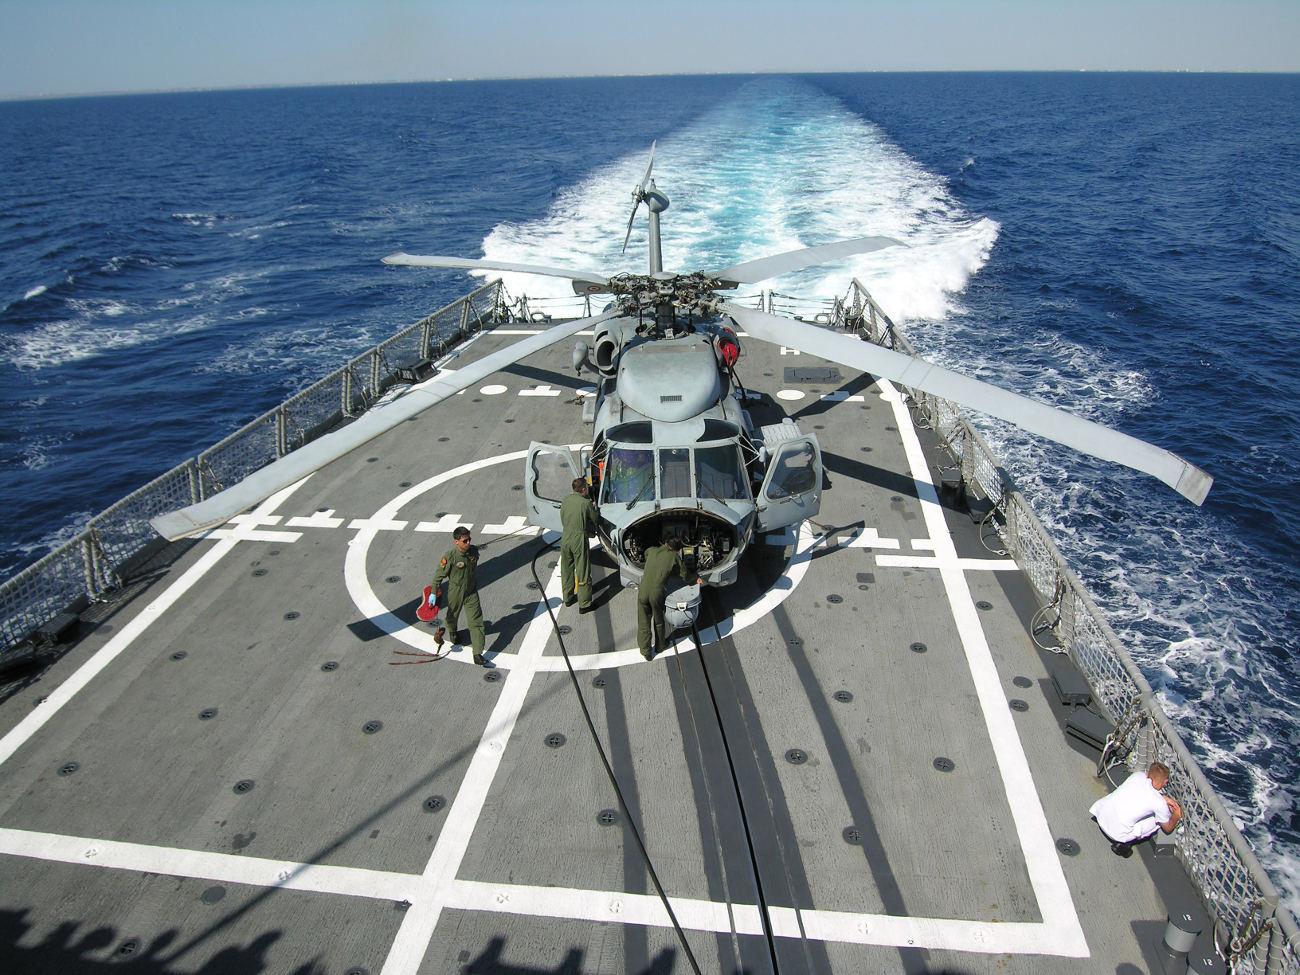 Τουρκική φρεγάτα υποδέχεται πολεμικό ελικόπτερο στη θάλασσα